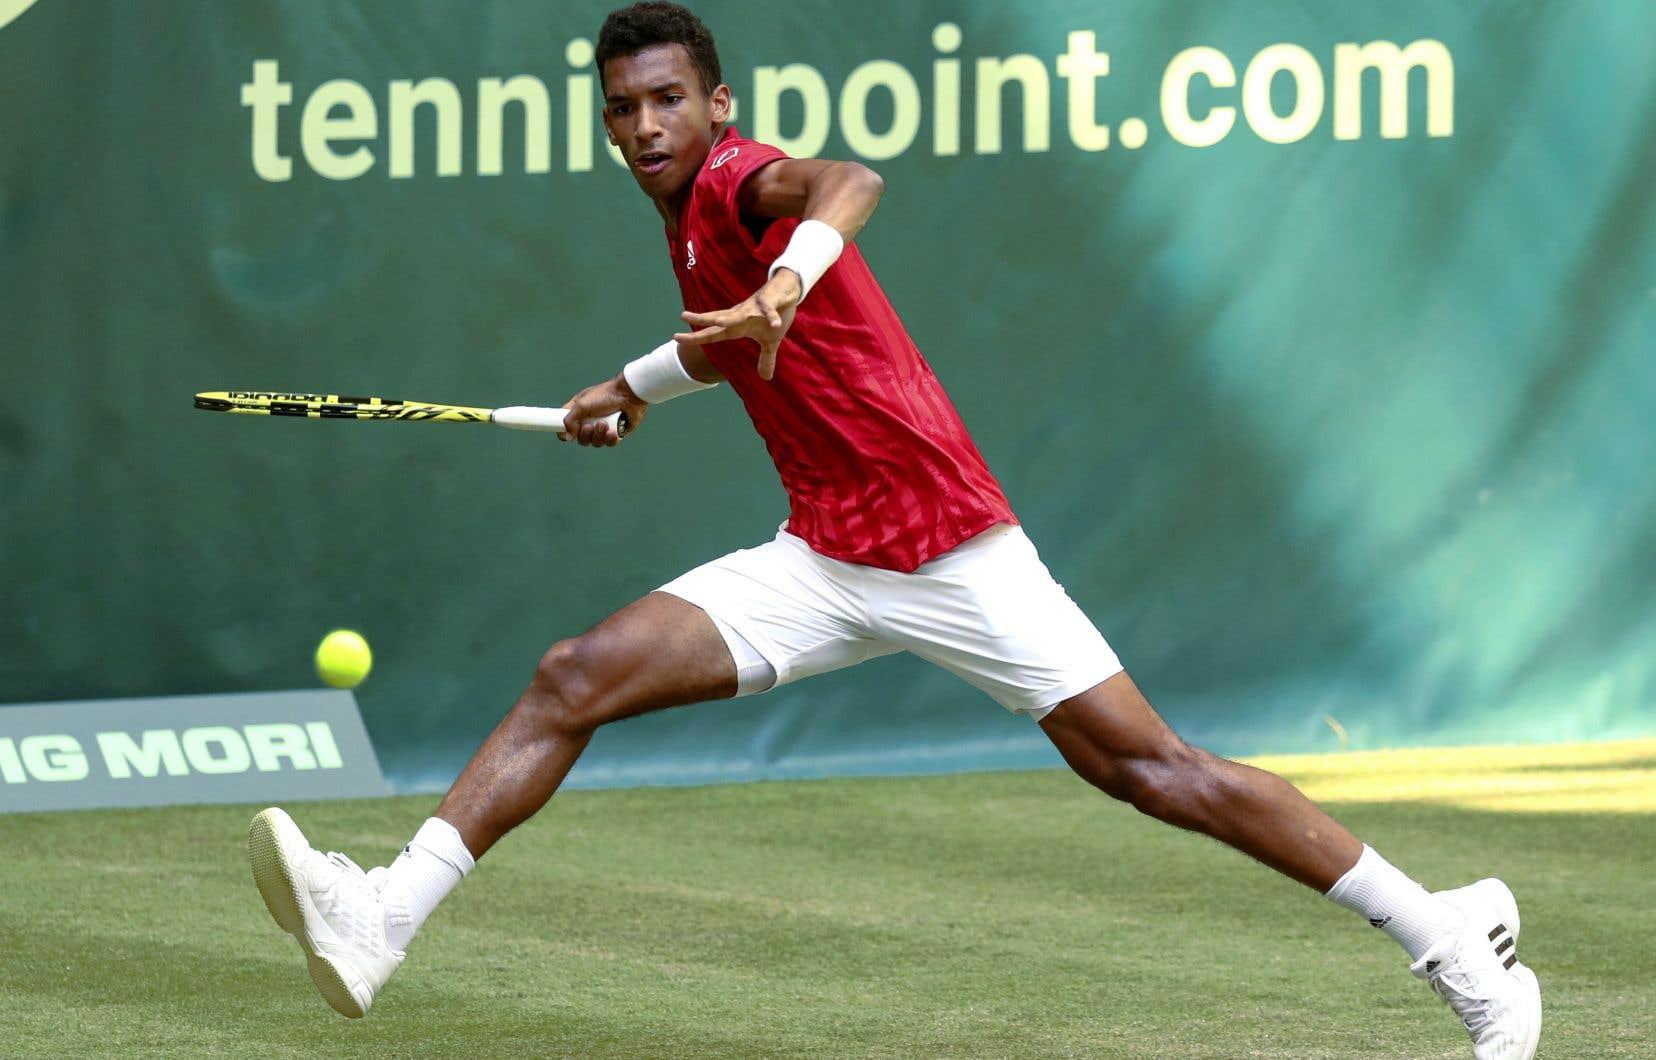 Auger-Aliassime tentera d'améliorer sa précédente performance à Wimbledon, une défaite au troisième tour face à Ugo Humbert en 2019.